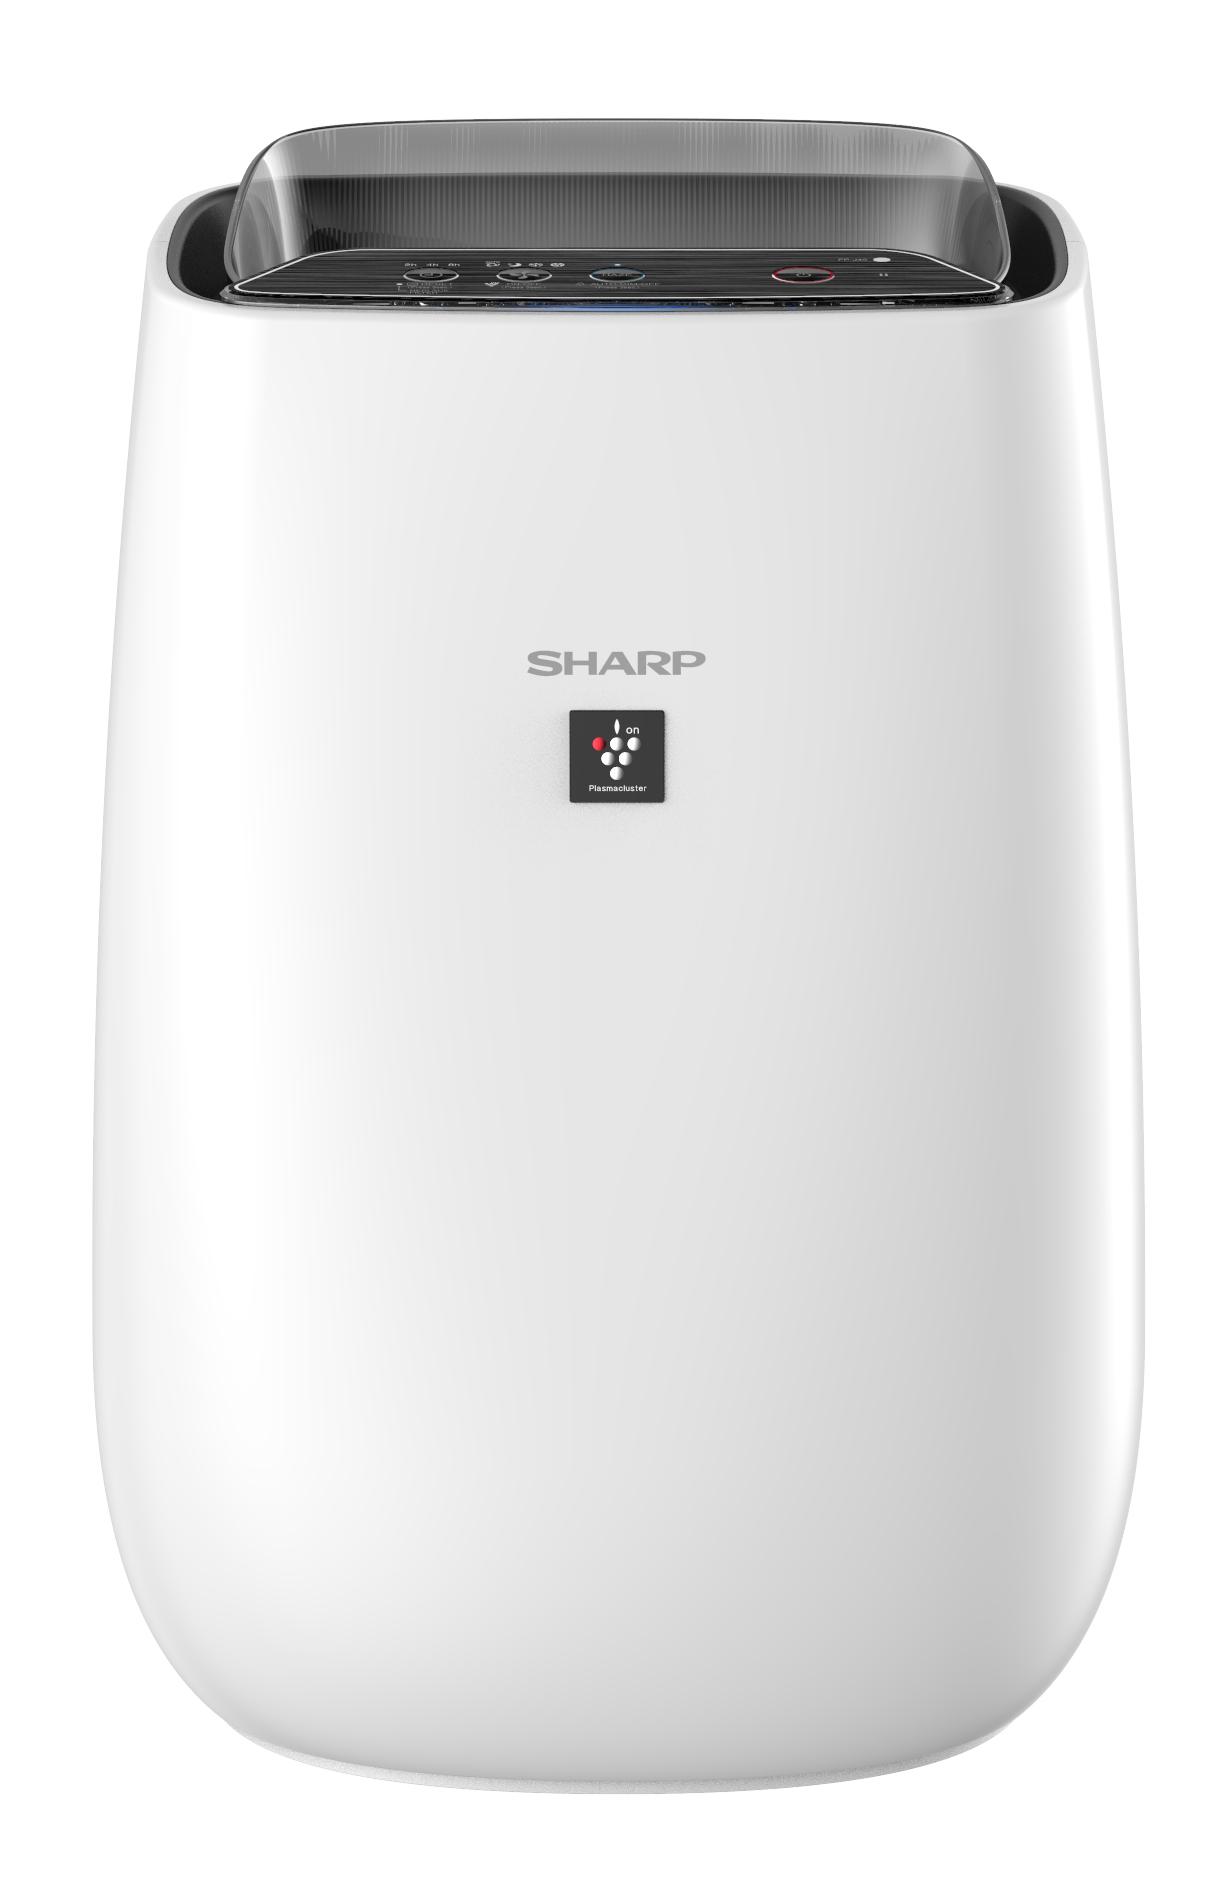 Sharp Air purifiers